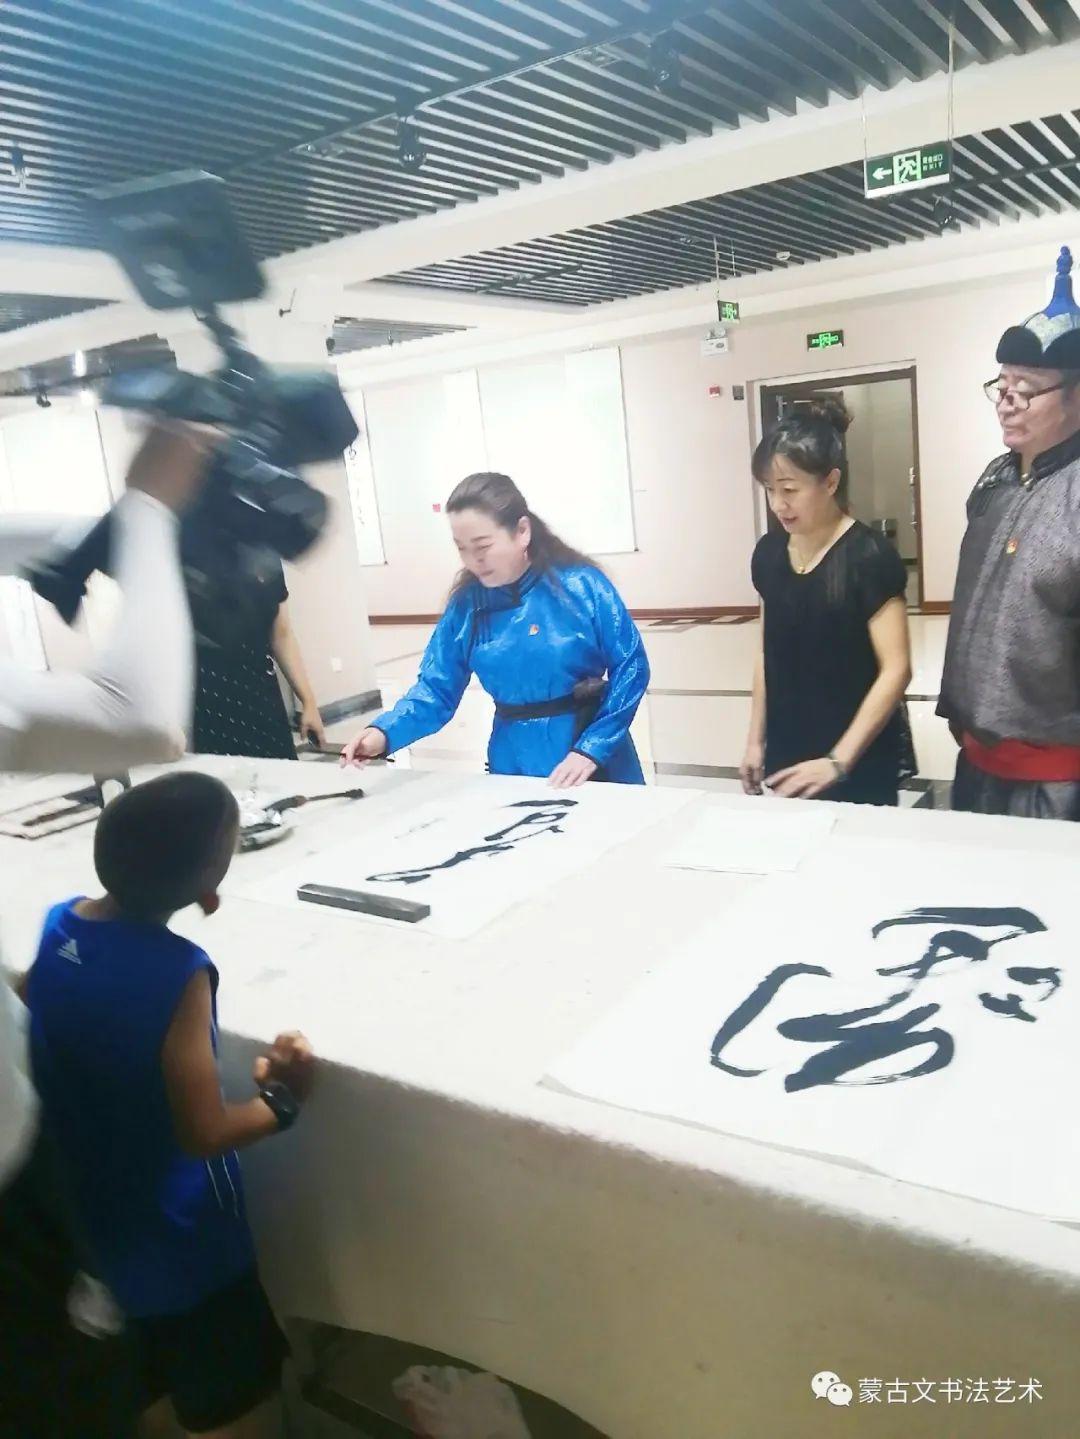 亮丽北疆,纪念建党99周年钢宝力达蒙古文书法展在呼市举行 第3张